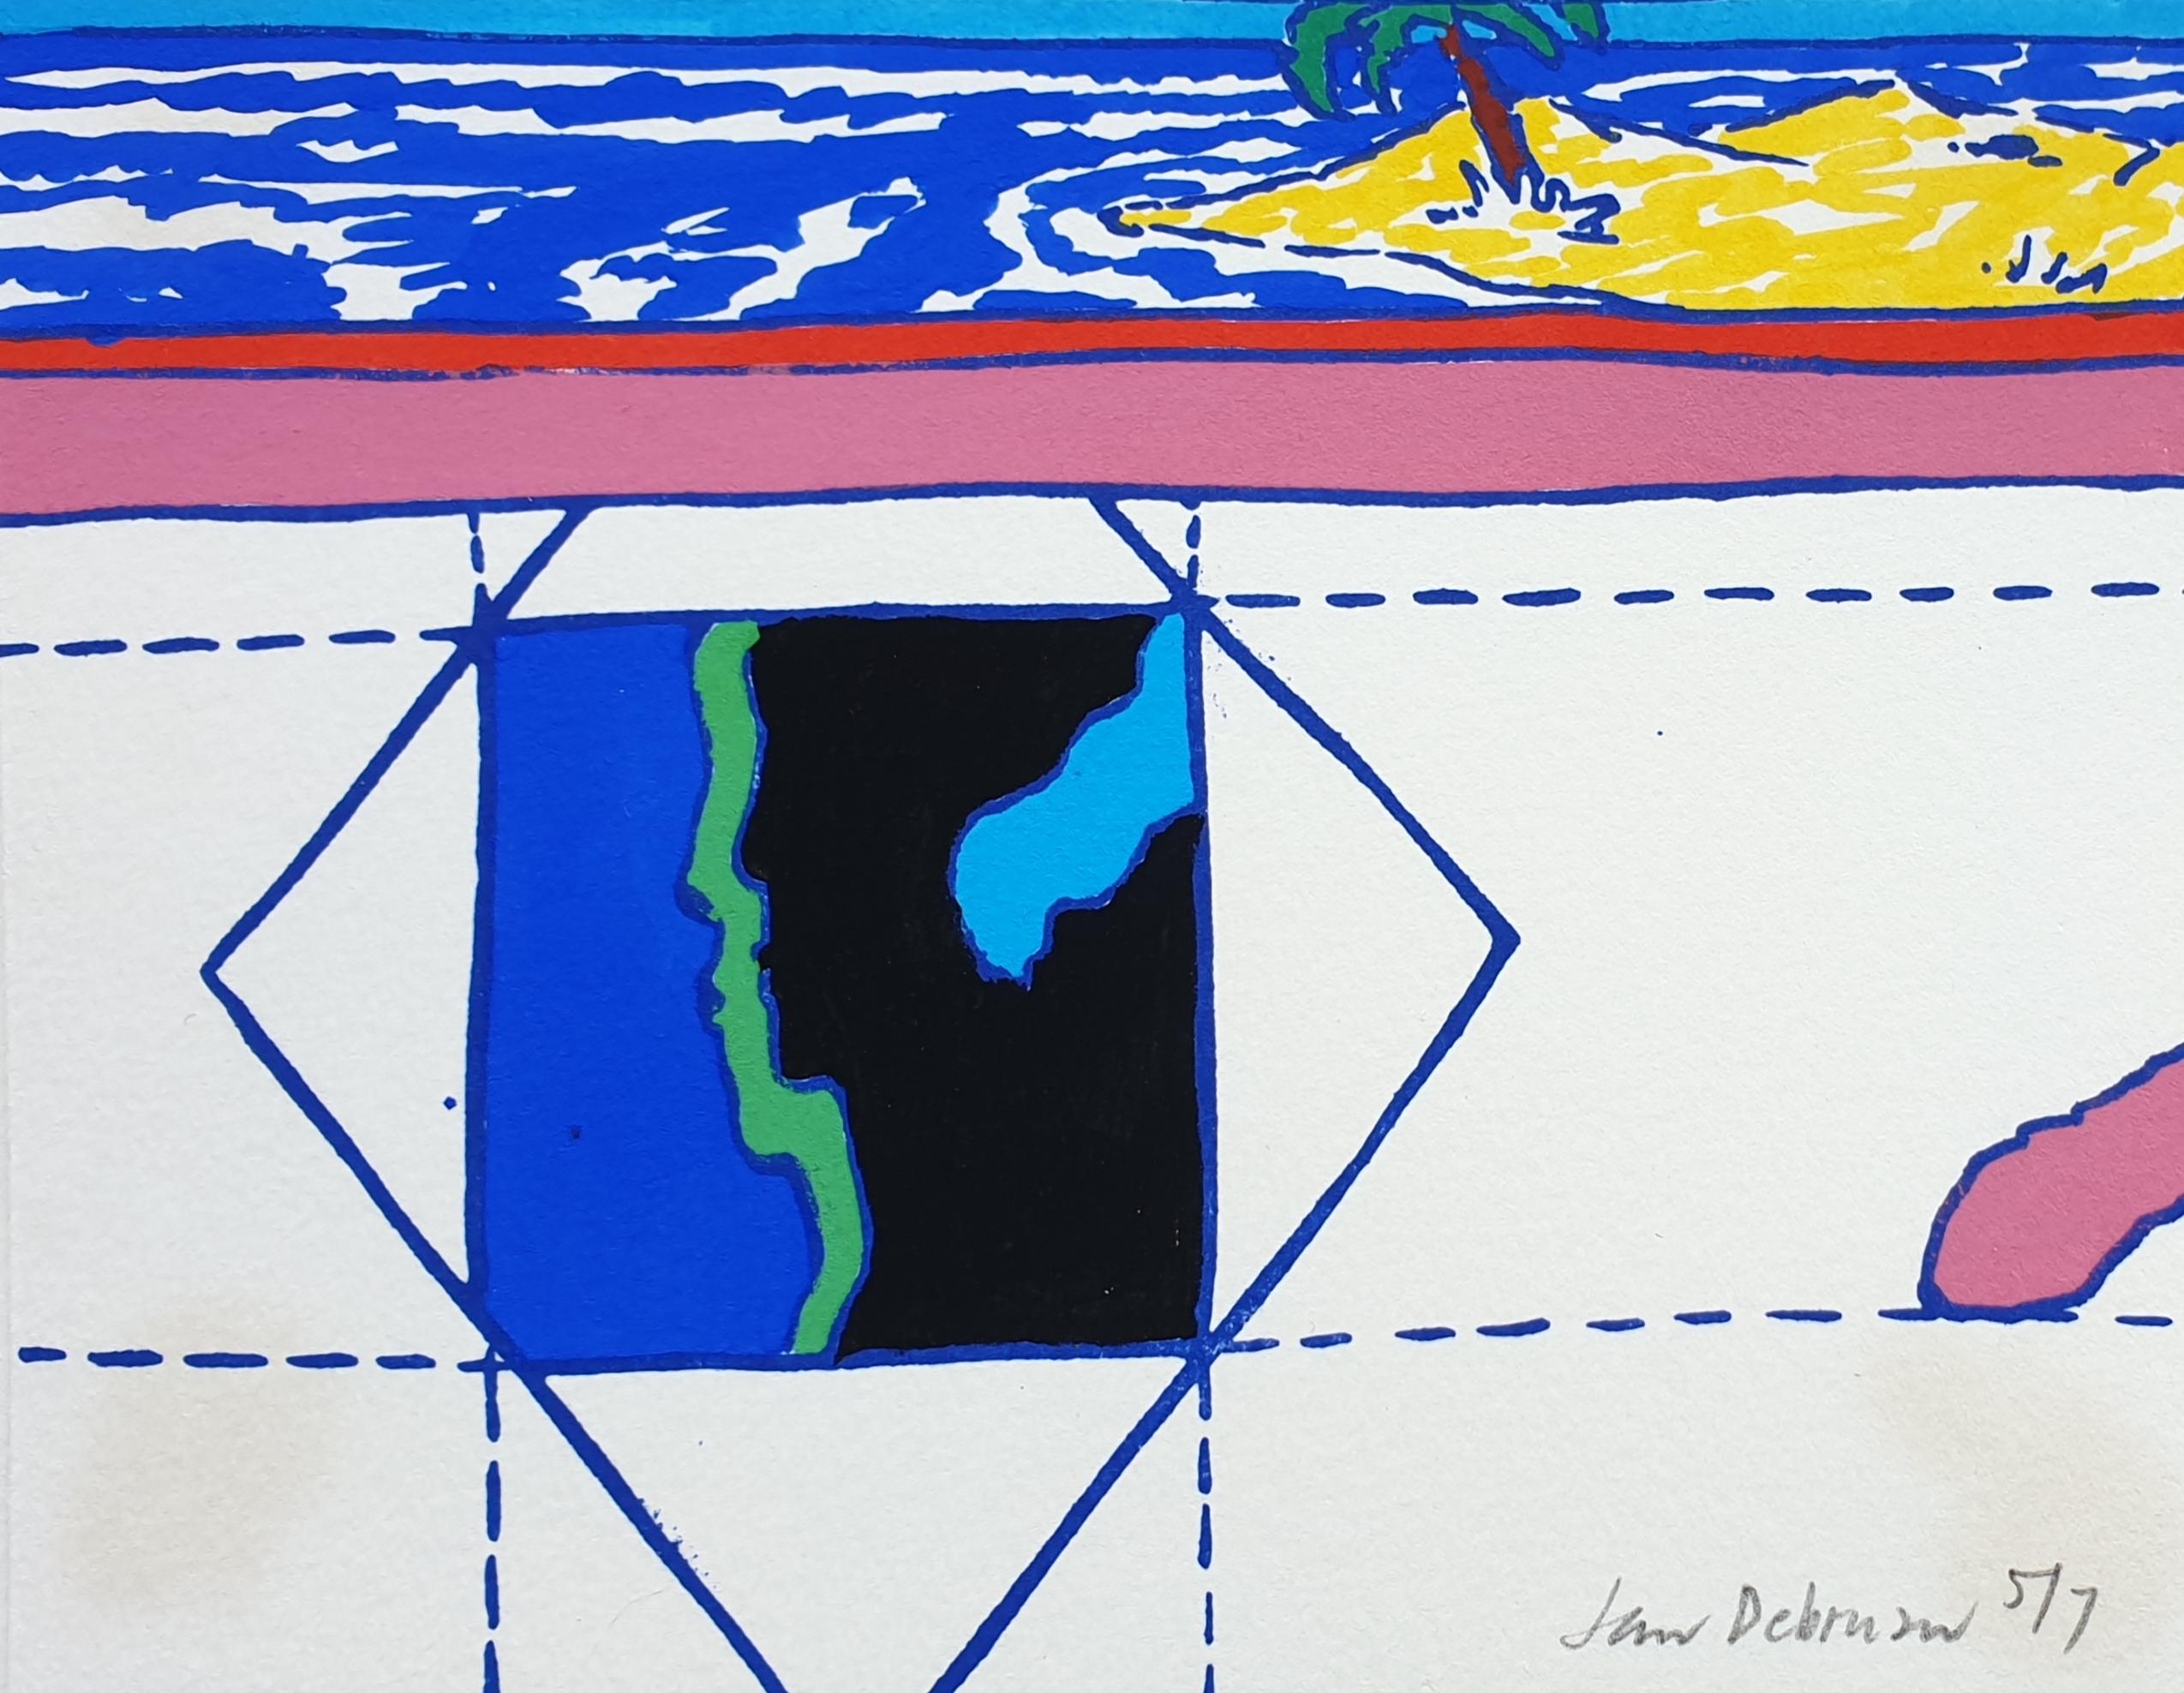 jan de bruin zeefdruk kunst Leeuwarden Friesland Friese zeefdruk grafiek litho kunstenaar kunstschilder friese kunstenaar graficus Jubbega Groningen Bakkeveen graficus nu zeven beeldhouwer kunstenaar schilder Skoander (2)